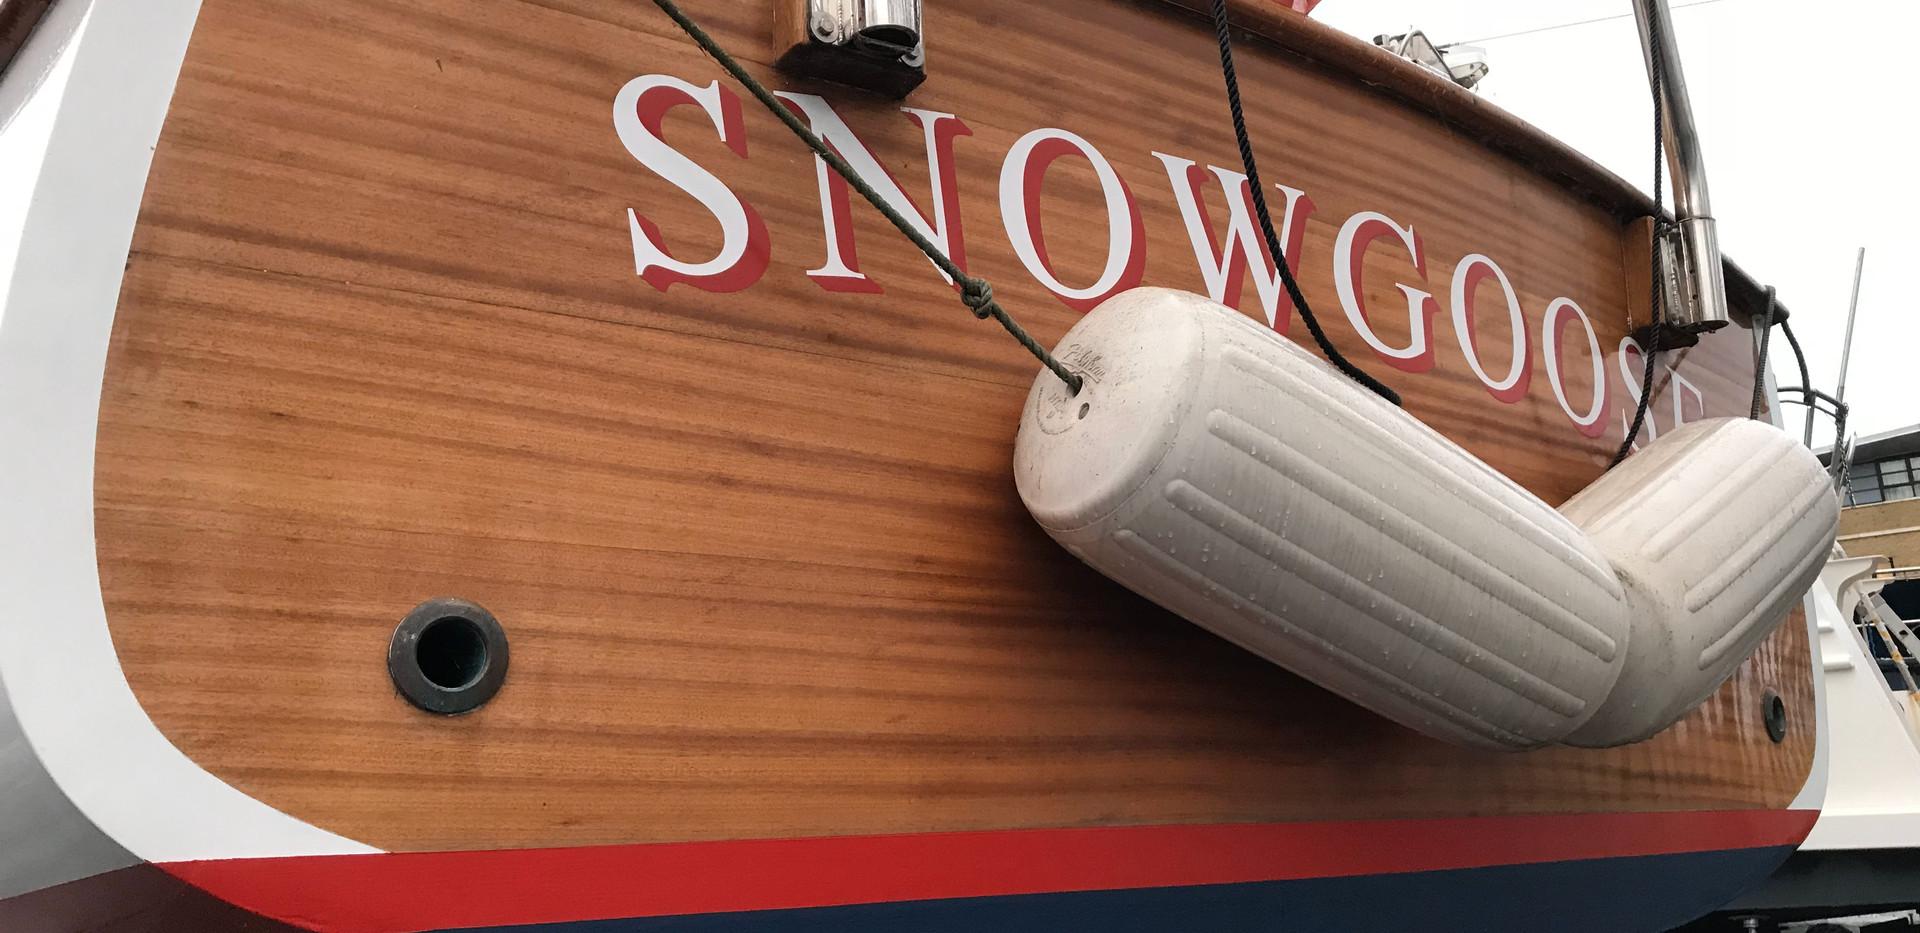 Snowgoose Landamore 37